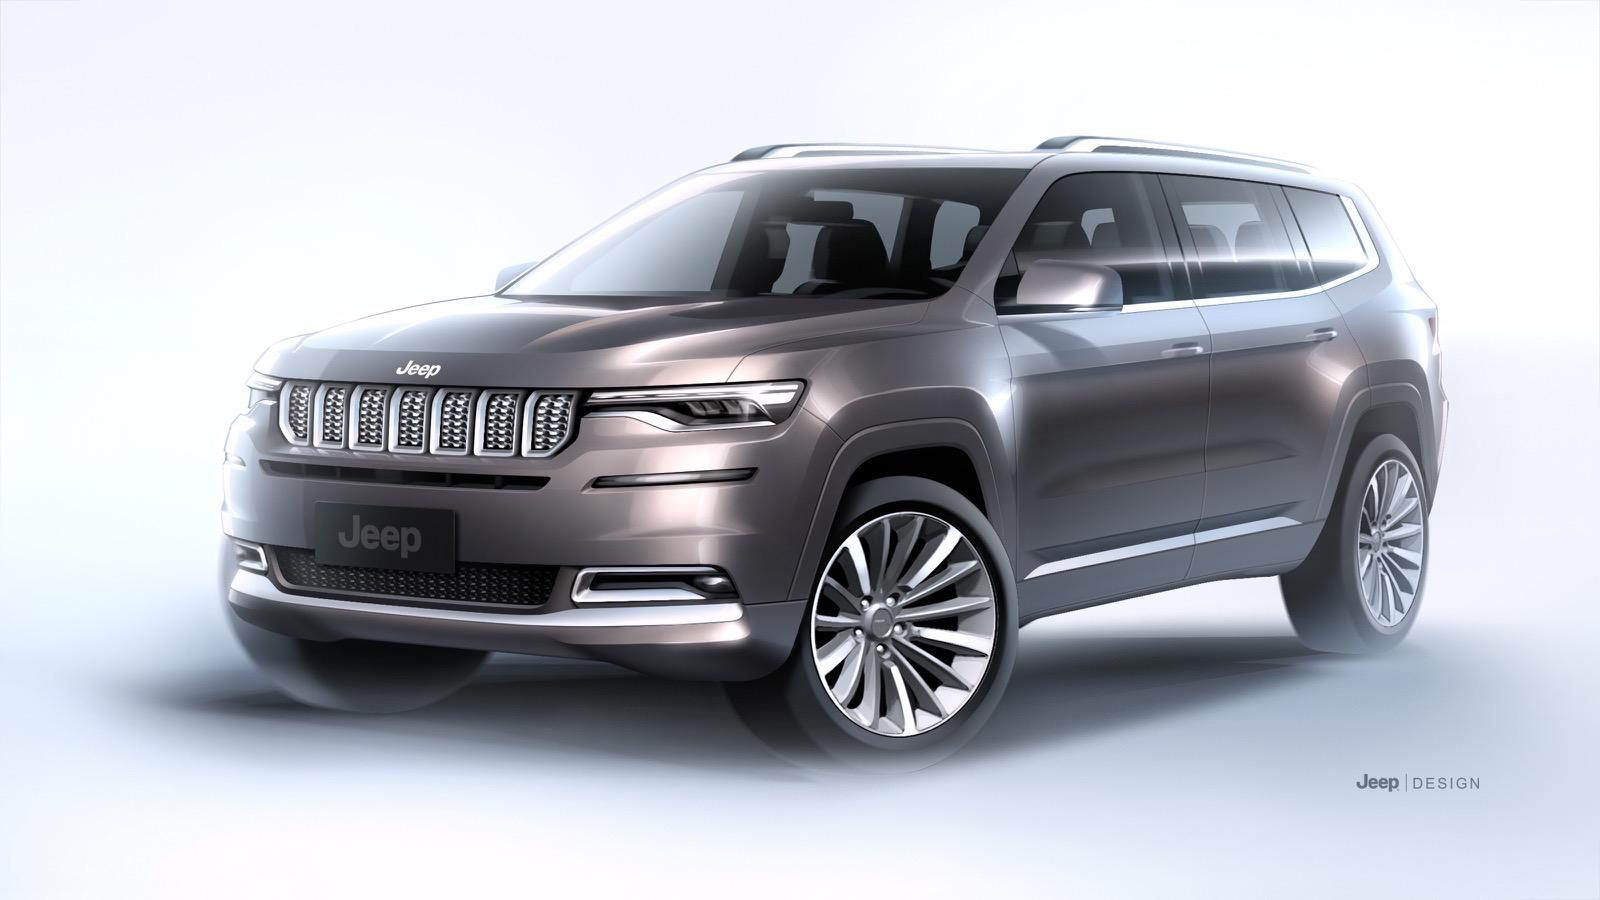 全新Jeep大指挥官官图发布 今年二季度正式上市